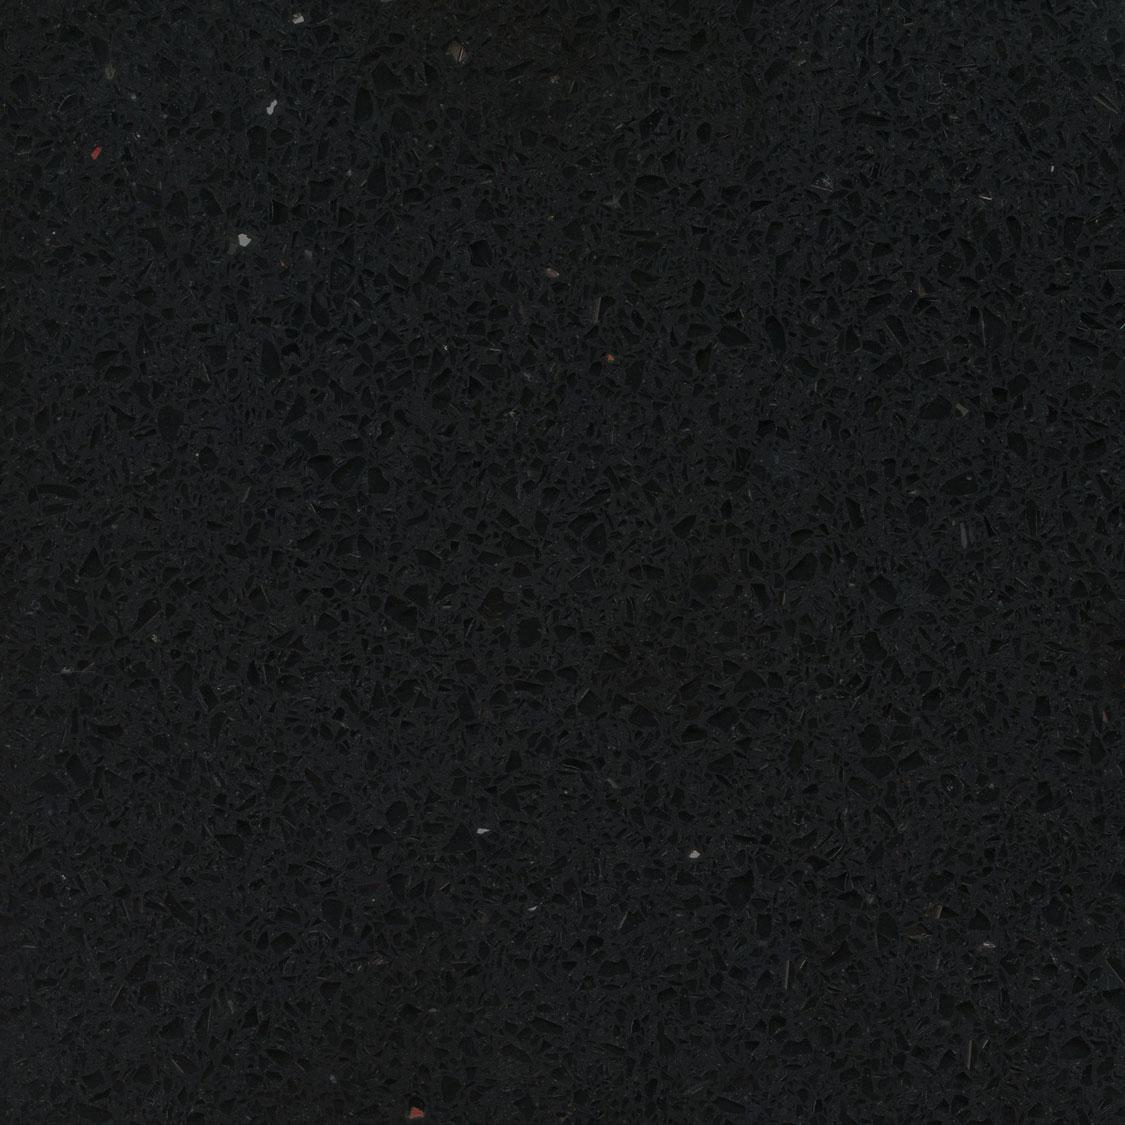 サイルストーン SILESTONE Stellar Neglo(Night) ステラ・ネグロ